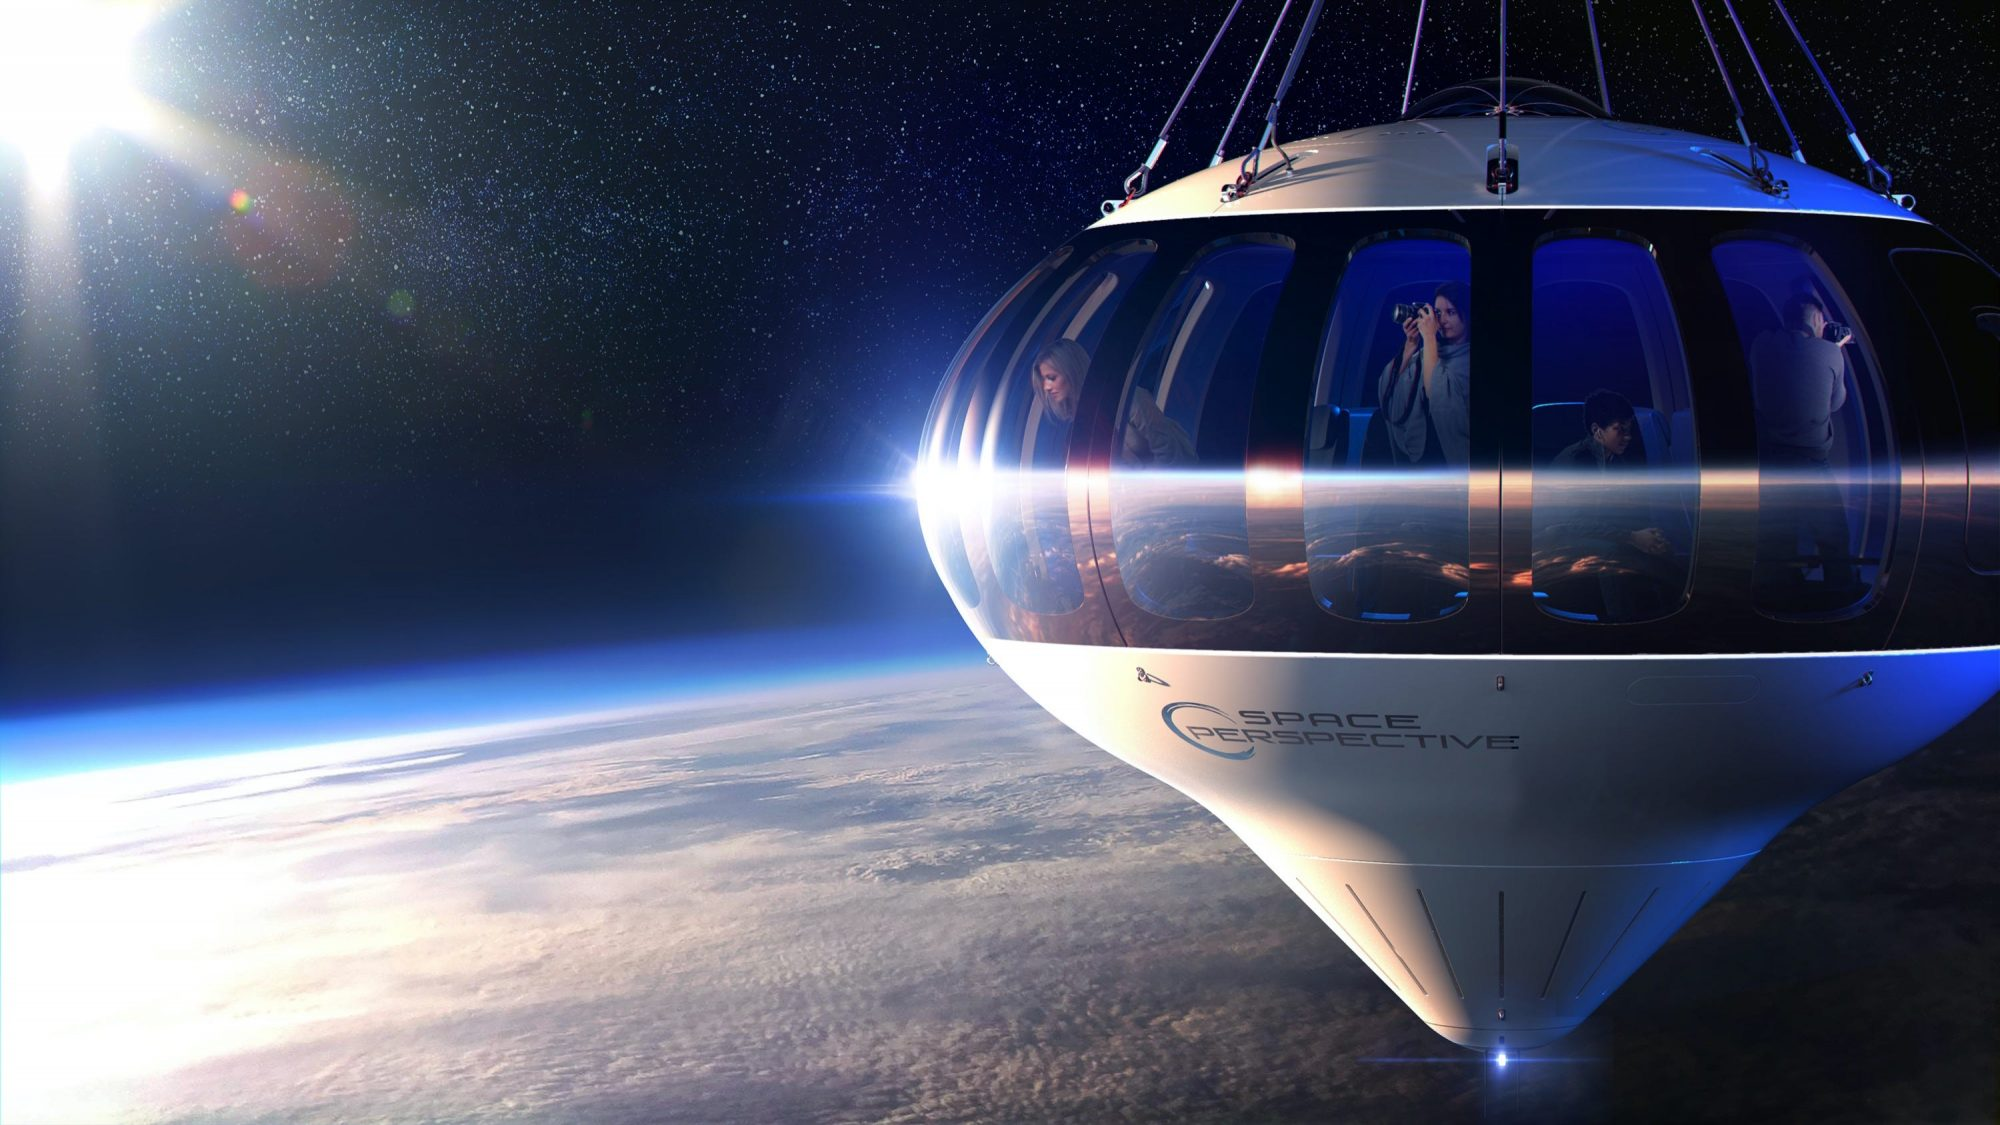 Bon plan week-end : partir dans l'espace à bord d'une montgolfière